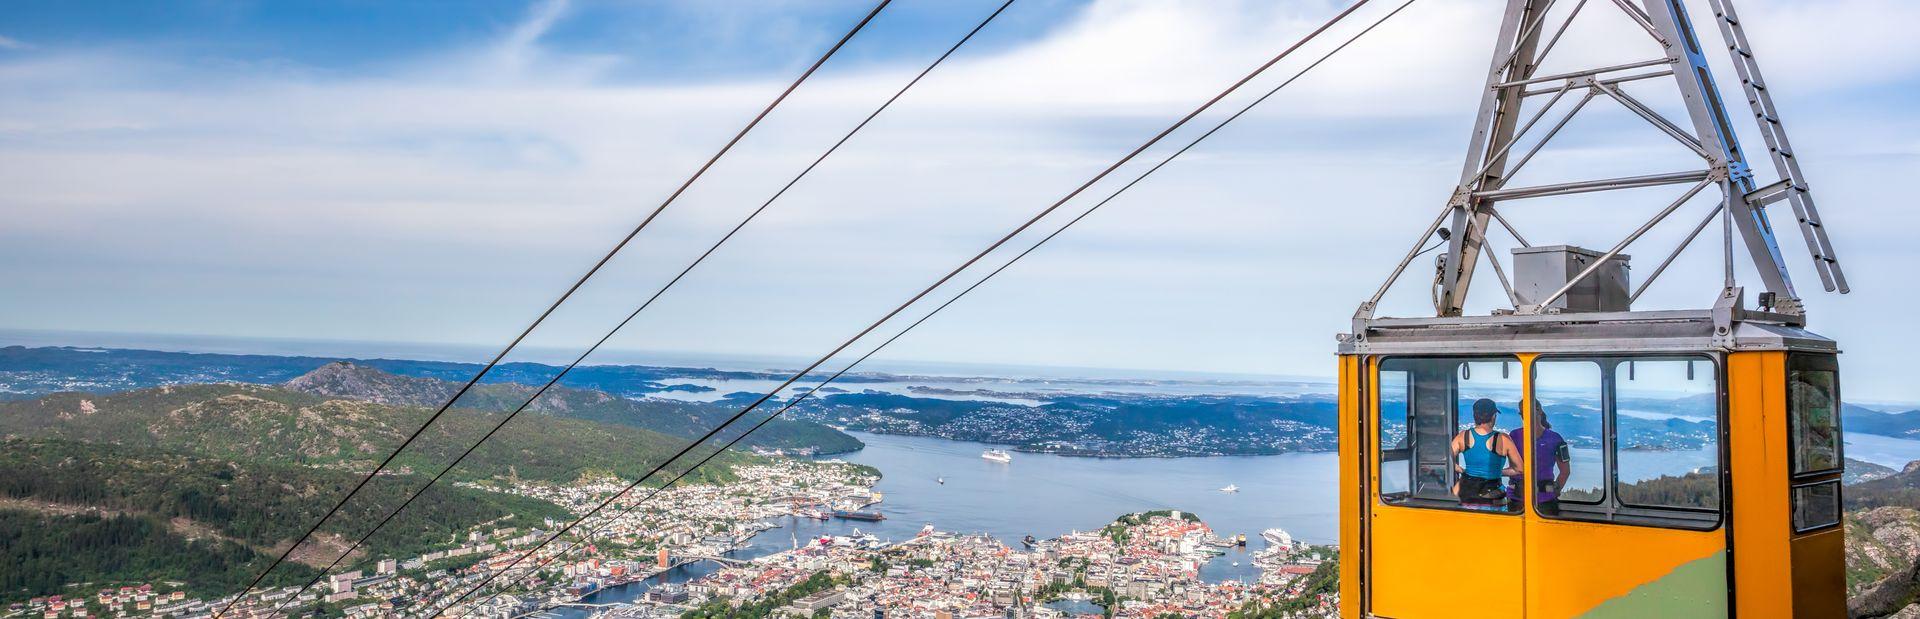 Bergen charter itineraries